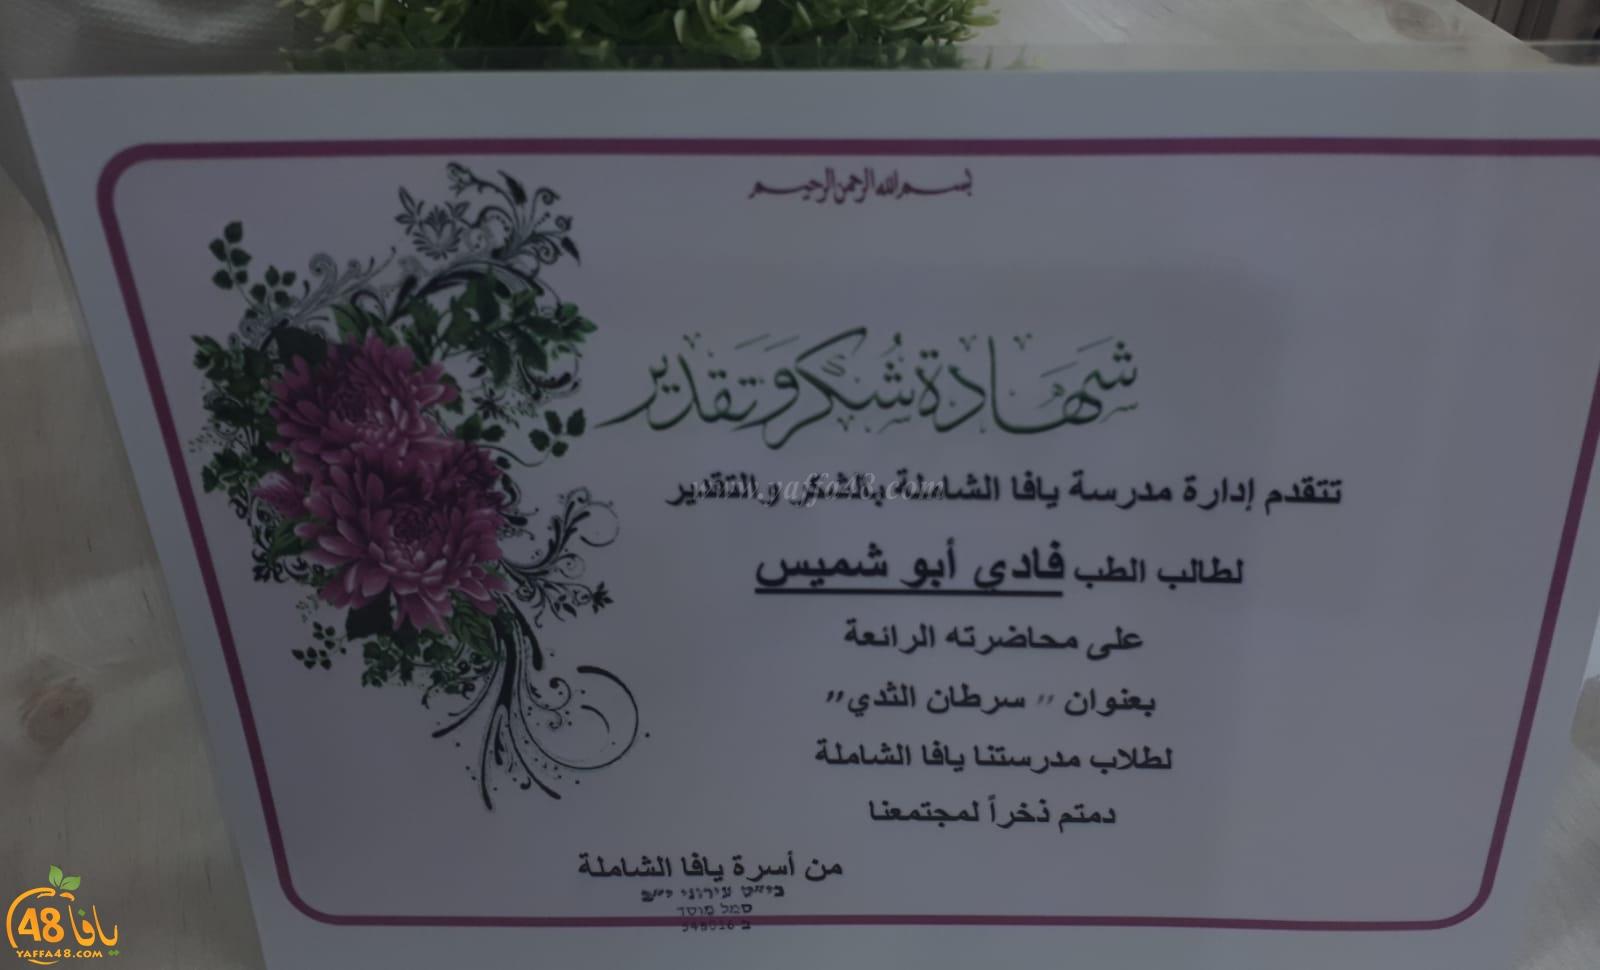 يافا: المدرسة الشاملة تُنظم محاضرة توعوية حول سرطان الثدي لطلابها